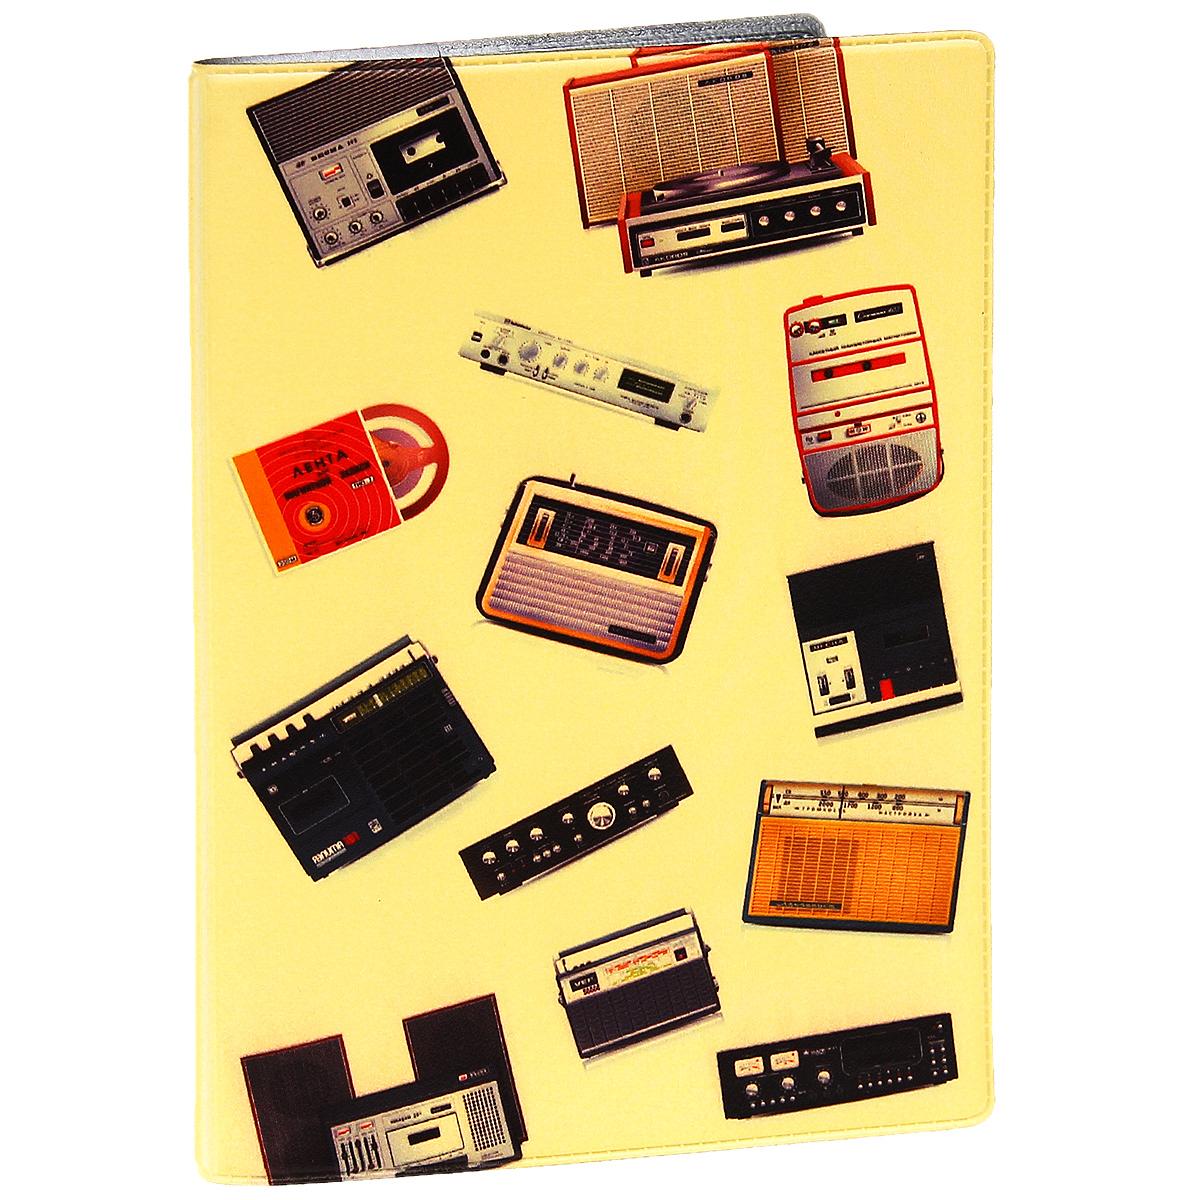 Обложка для паспорта Радиоприемники. OZAM279OK276Обложка для паспорта Mitya Veselkov Радиоприемники выполнена из прочного ПВХ и оформлена изображением звуковой аппаратуры. Такая обложка не только поможет сохранить внешний вид ваших документов и защитит их от повреждений, но и станет стильным аксессуаром, идеально подходящим вашему образу.Яркая и оригинальная обложка подчеркнет вашу индивидуальность и изысканный вкус. Обложка для паспорта стильного дизайна может быть достойным и оригинальным подарком.